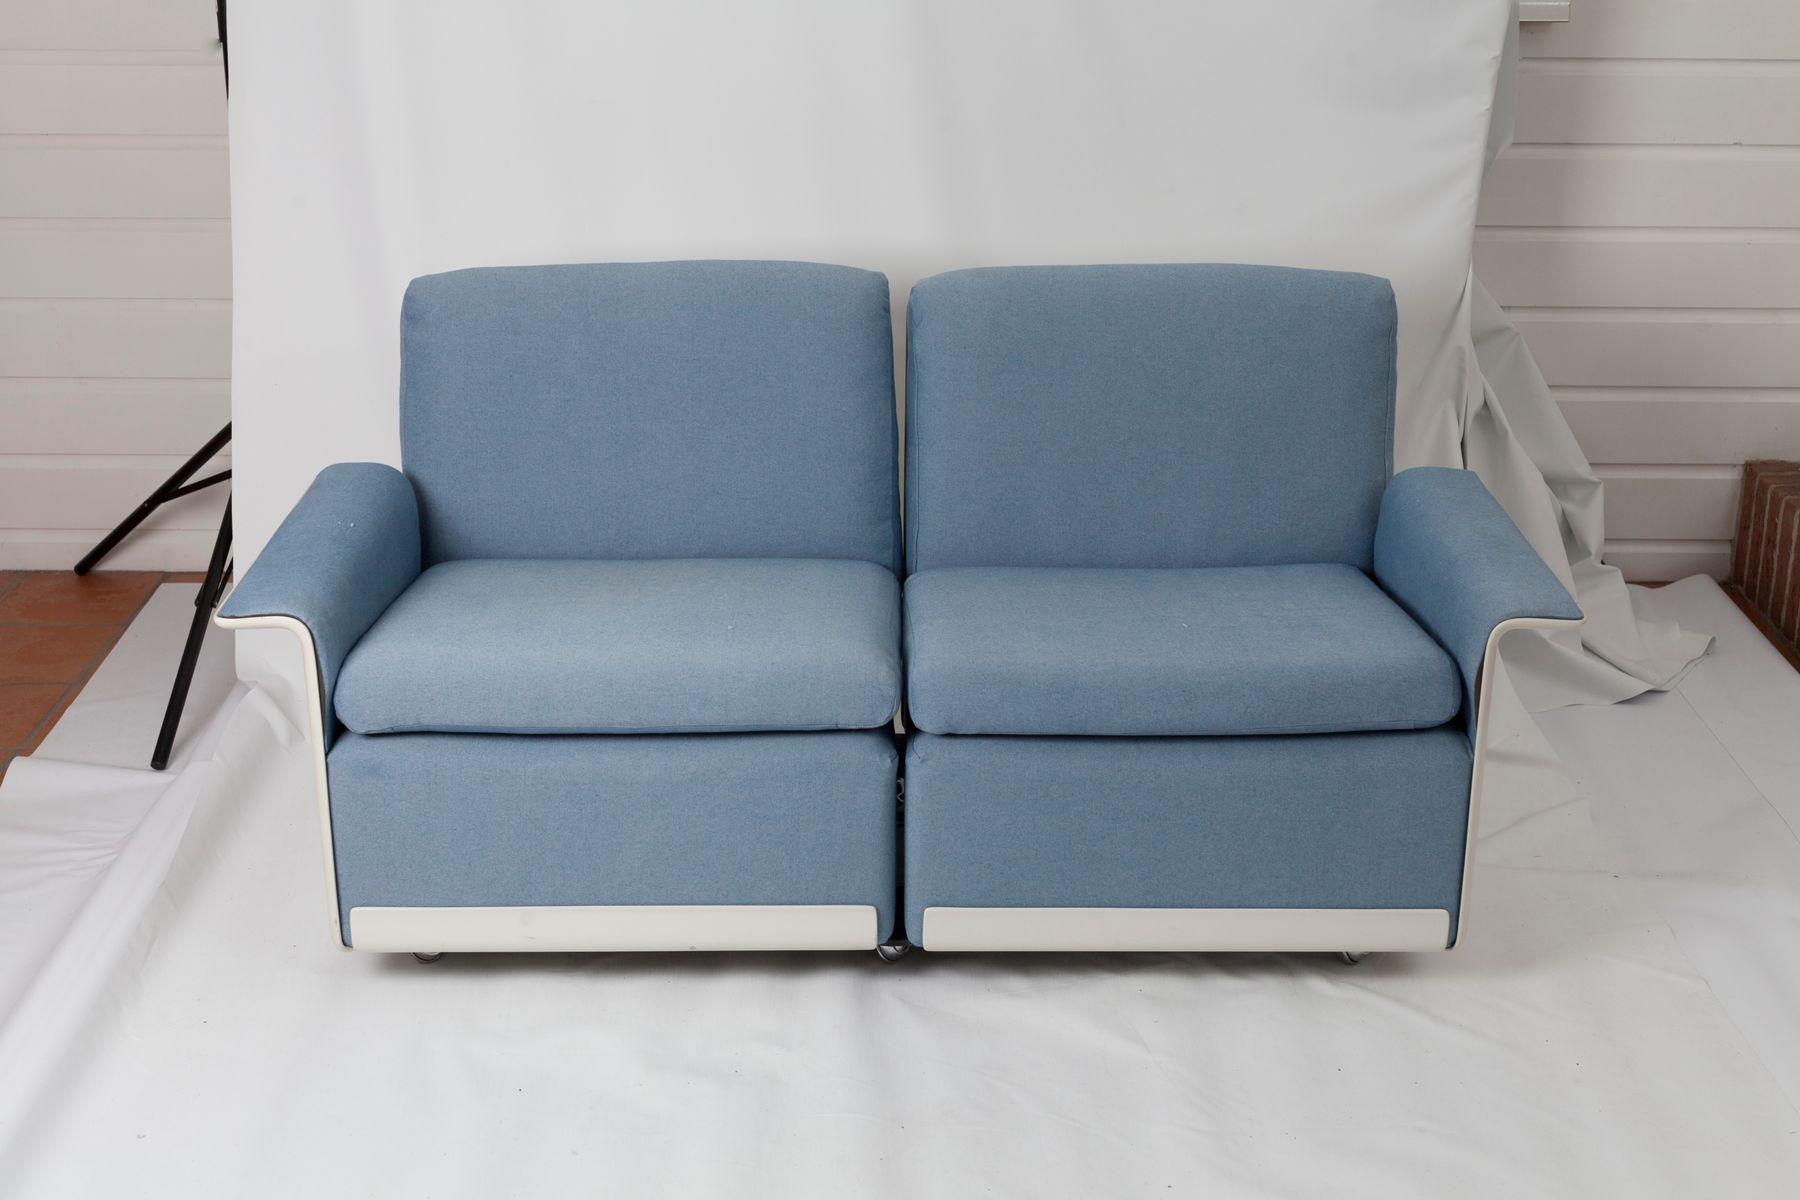 RZ62 Azure & White Modular Sofas by Dieter Rams for Vitsoe 1962